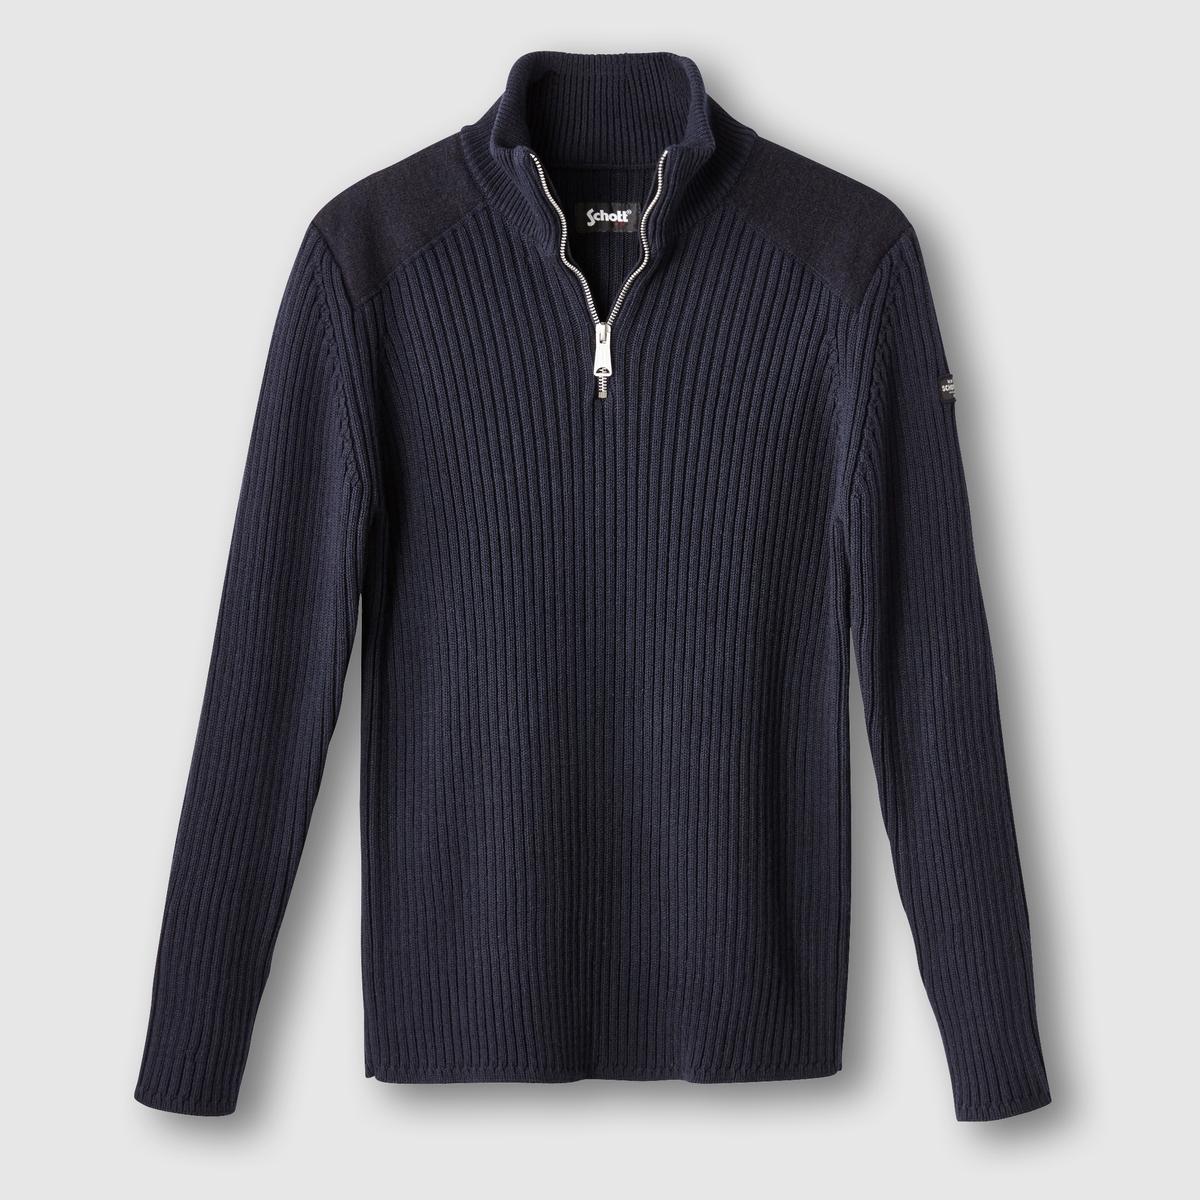 Пуловер plyank2Состав и описаниеМатериал : 50% хлопка, 50% акрилаМарка : SCHOTT<br><br>Цвет: темно-синий